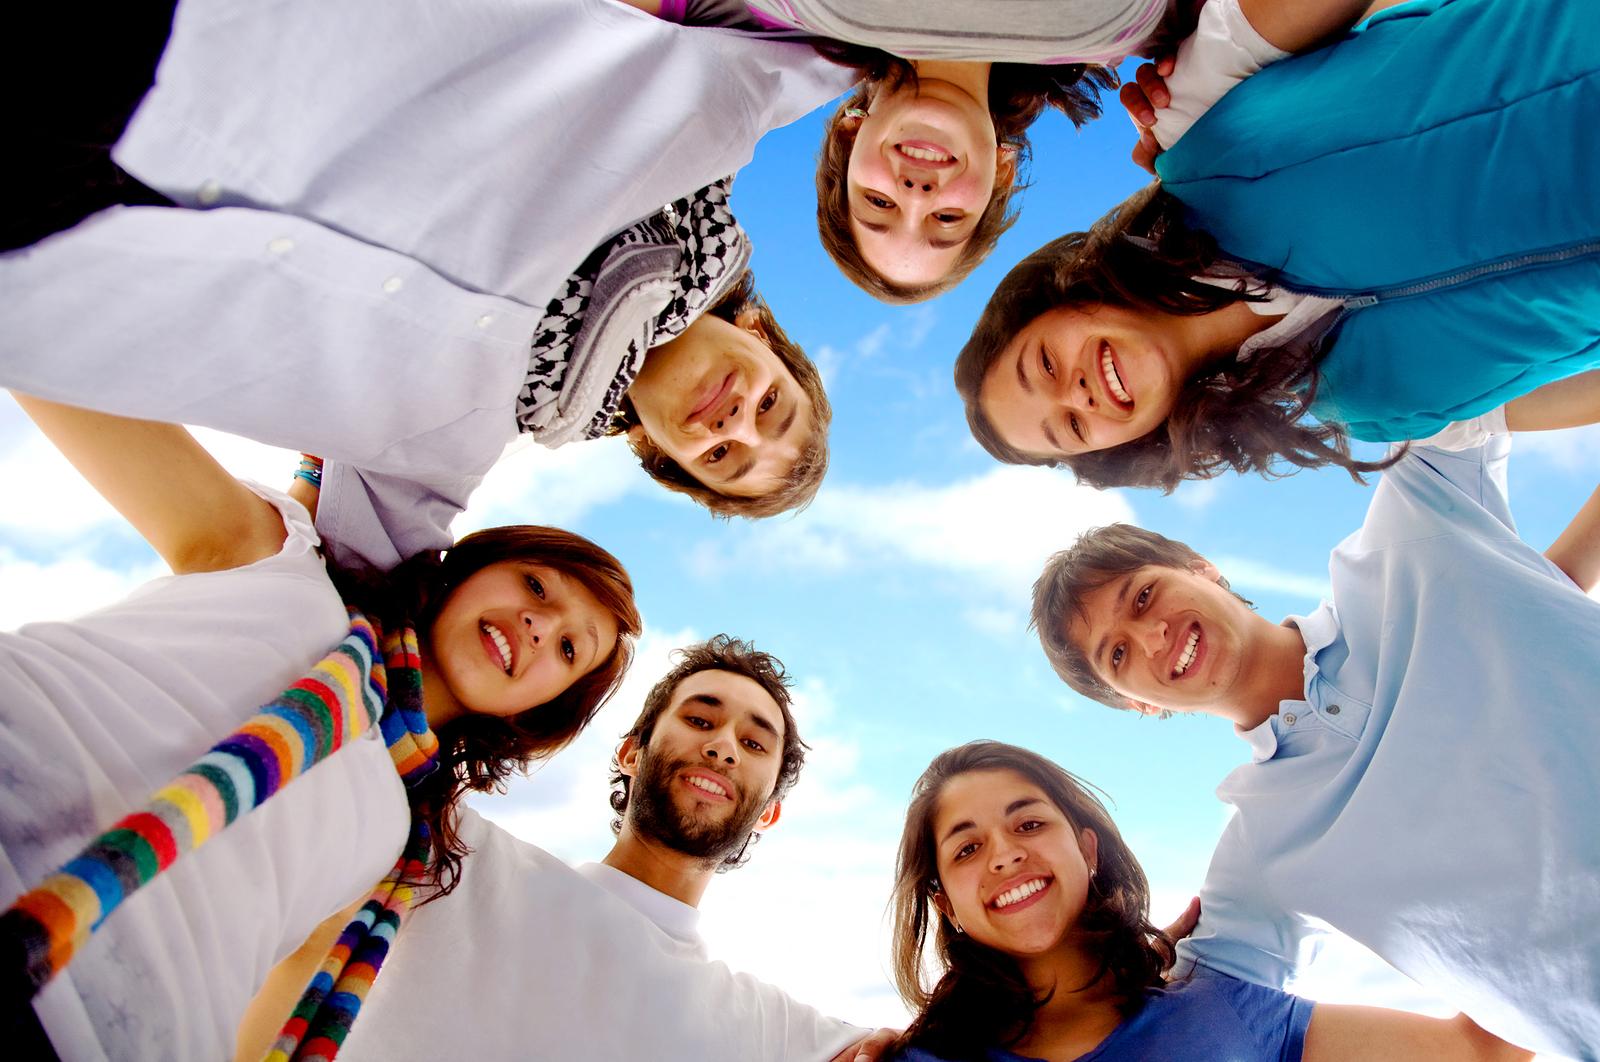 Смешные фото группы людей, марта дети